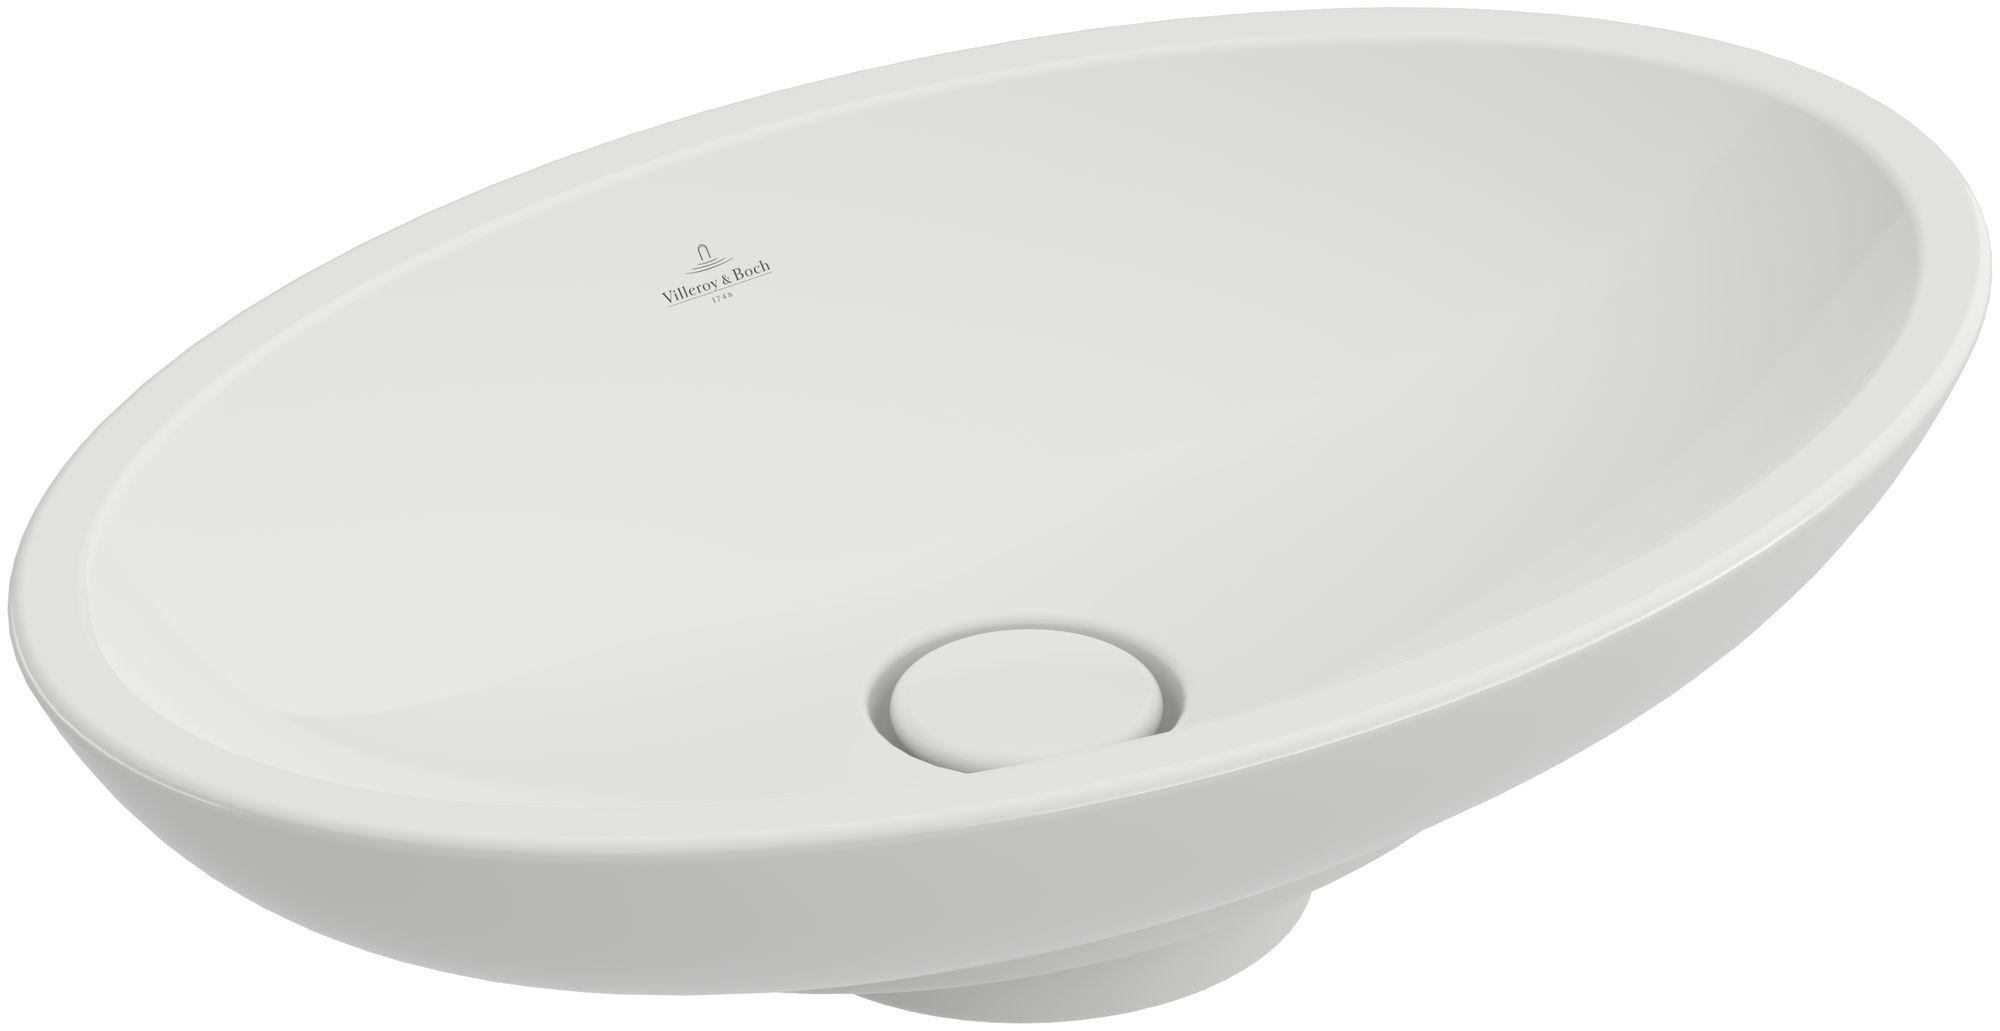 Villeroy & Boch Loop & Friends Aufsatzwaschtisch oval B:58,5xT:38xH:11cm ohne Hahnloch ohne Überlauf weiß mit Ceramicplus 515101R1